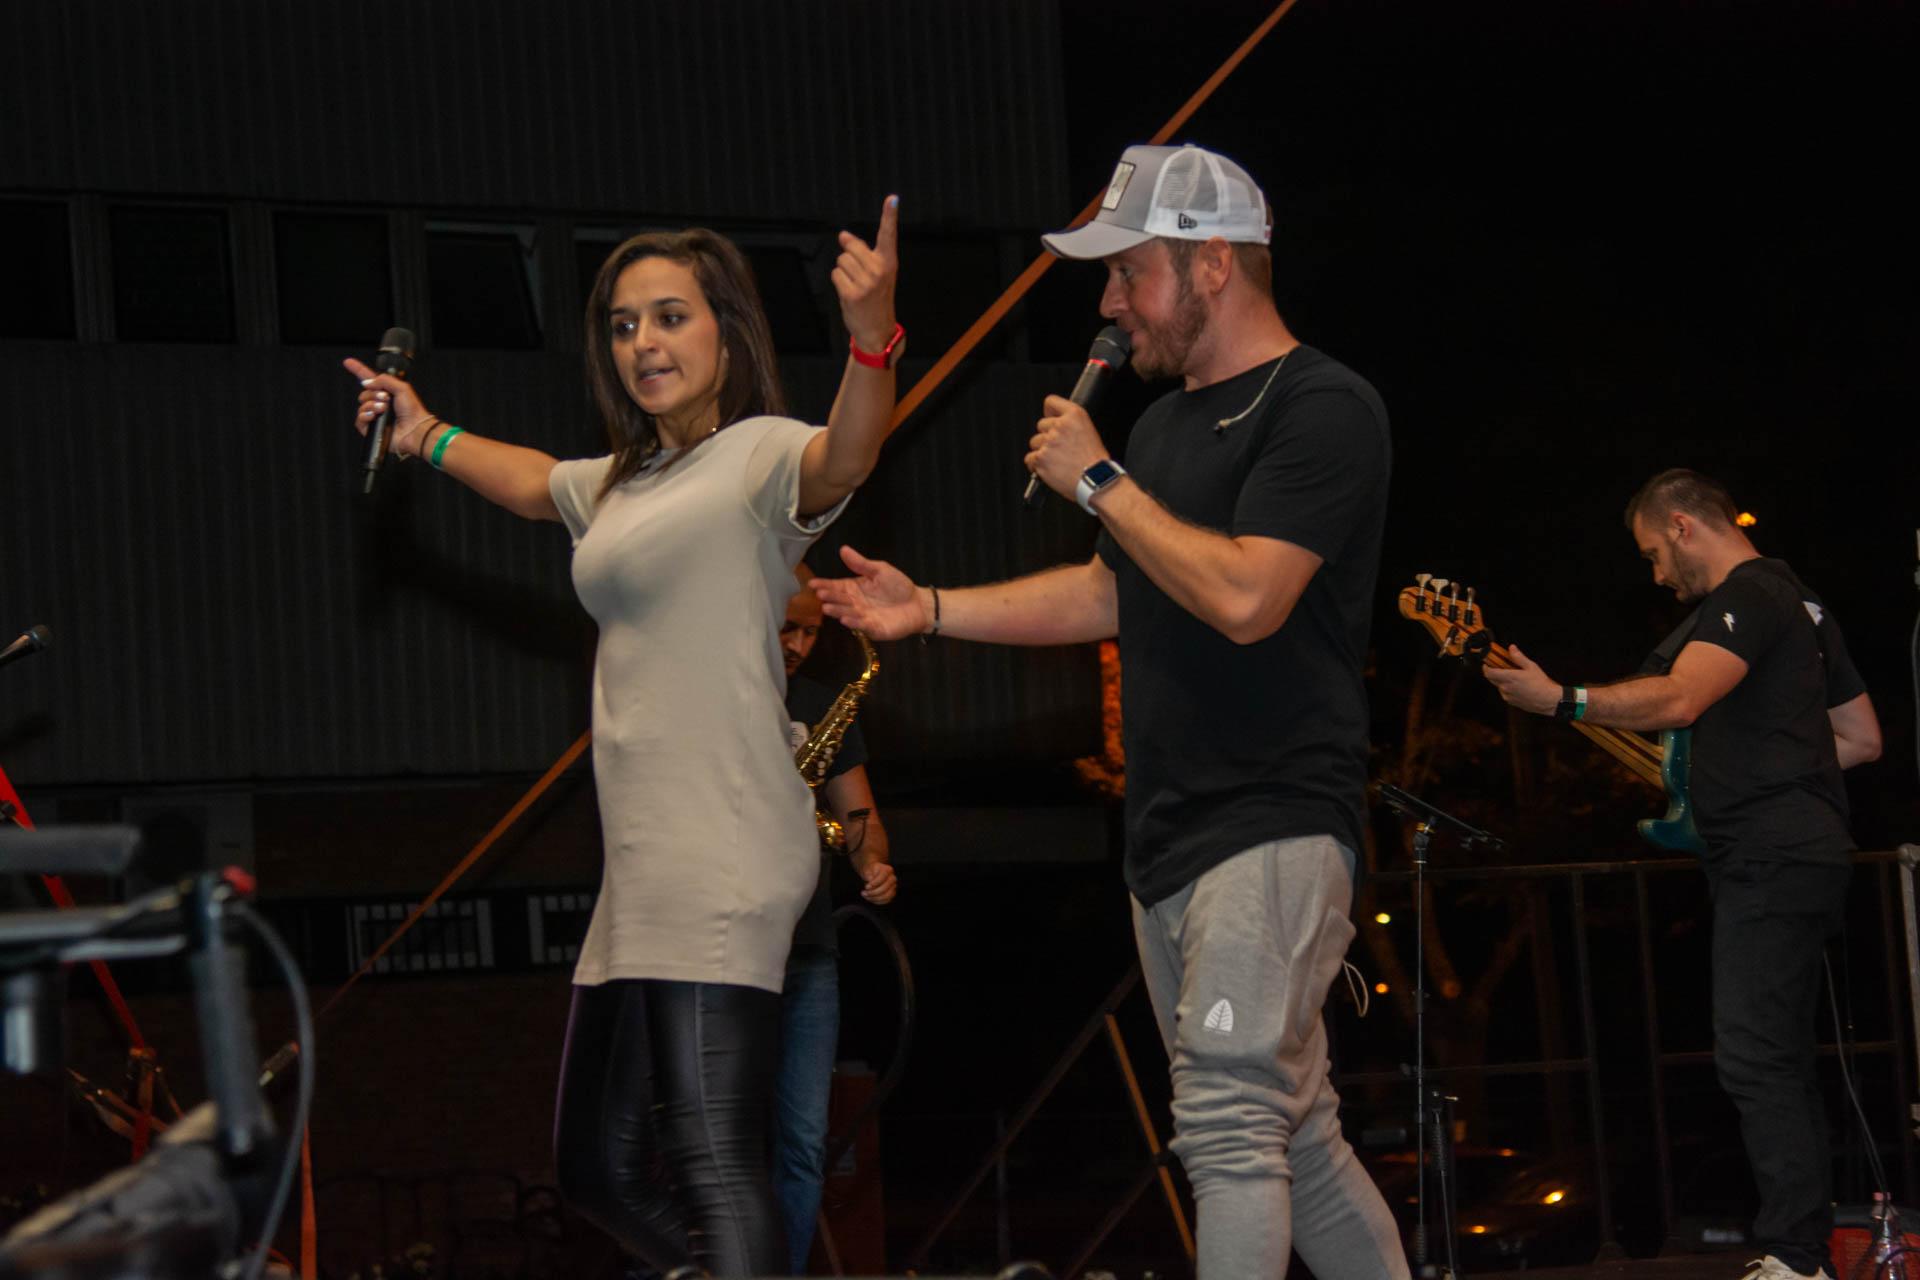 https://kolorcity.hu/Deniz és Orsovai Reni koncert - Kolorfesztivál Light 6. nap